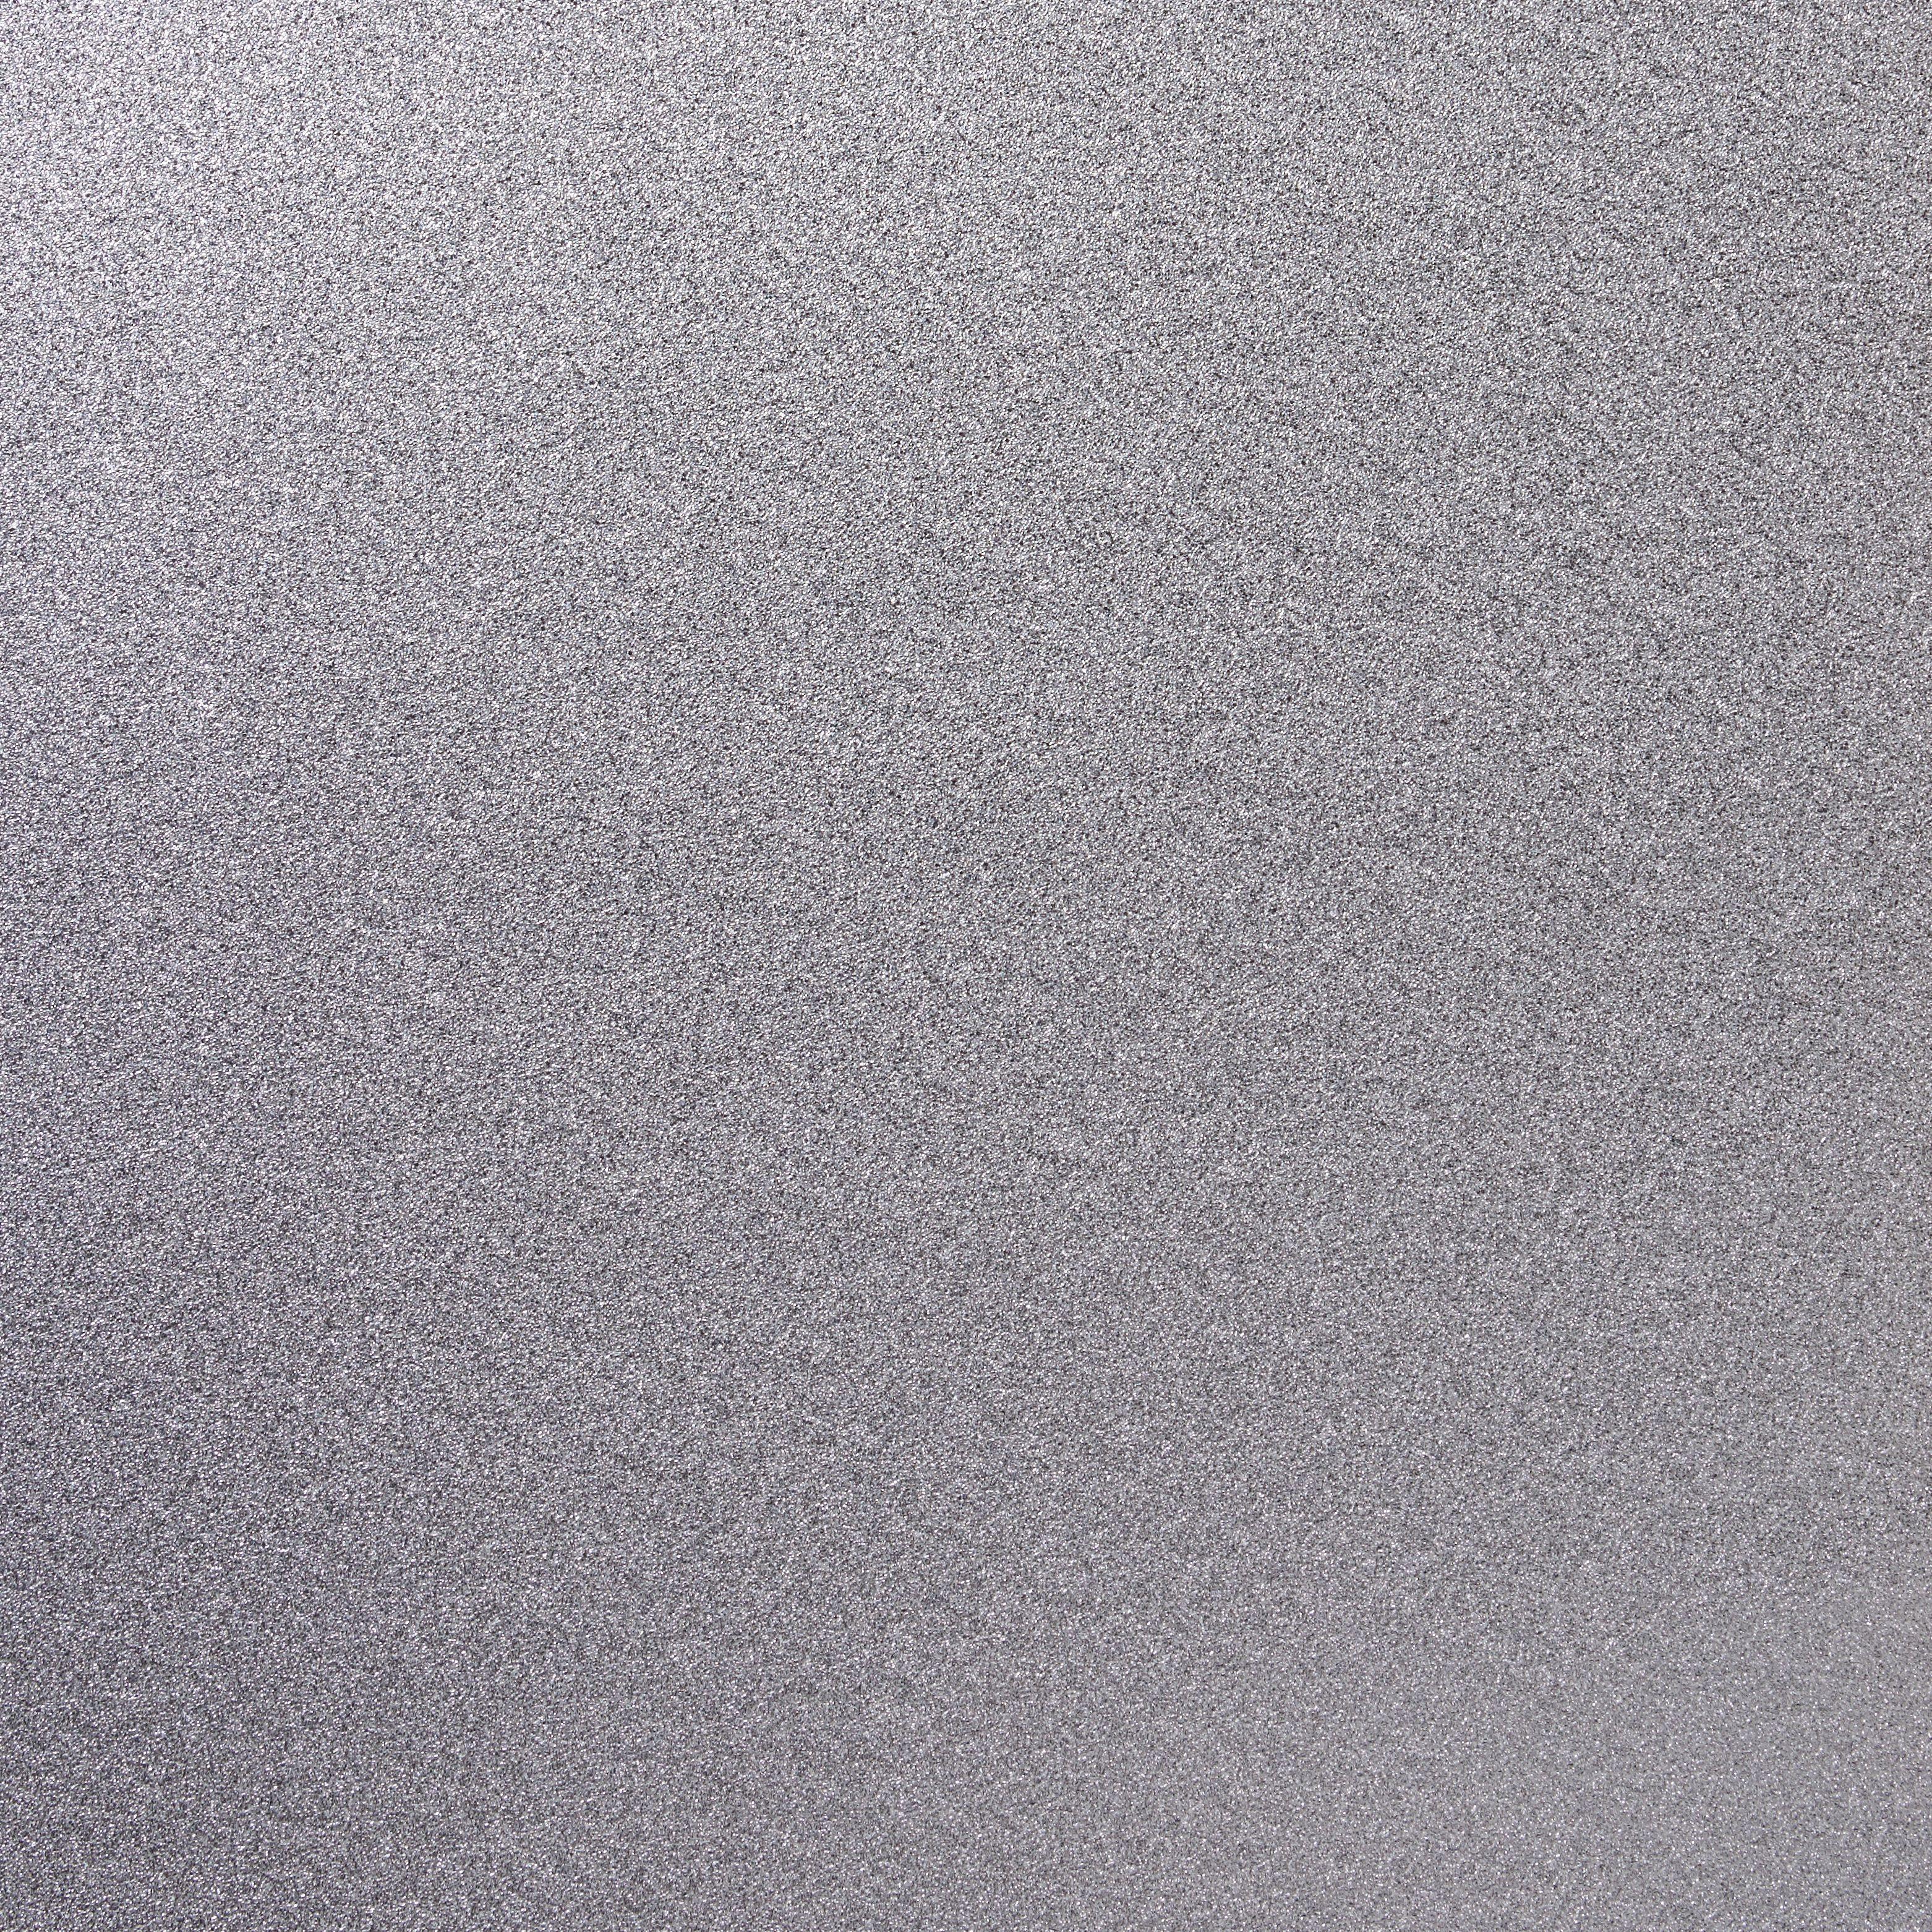 Metallic Textured Wallpaper Diy